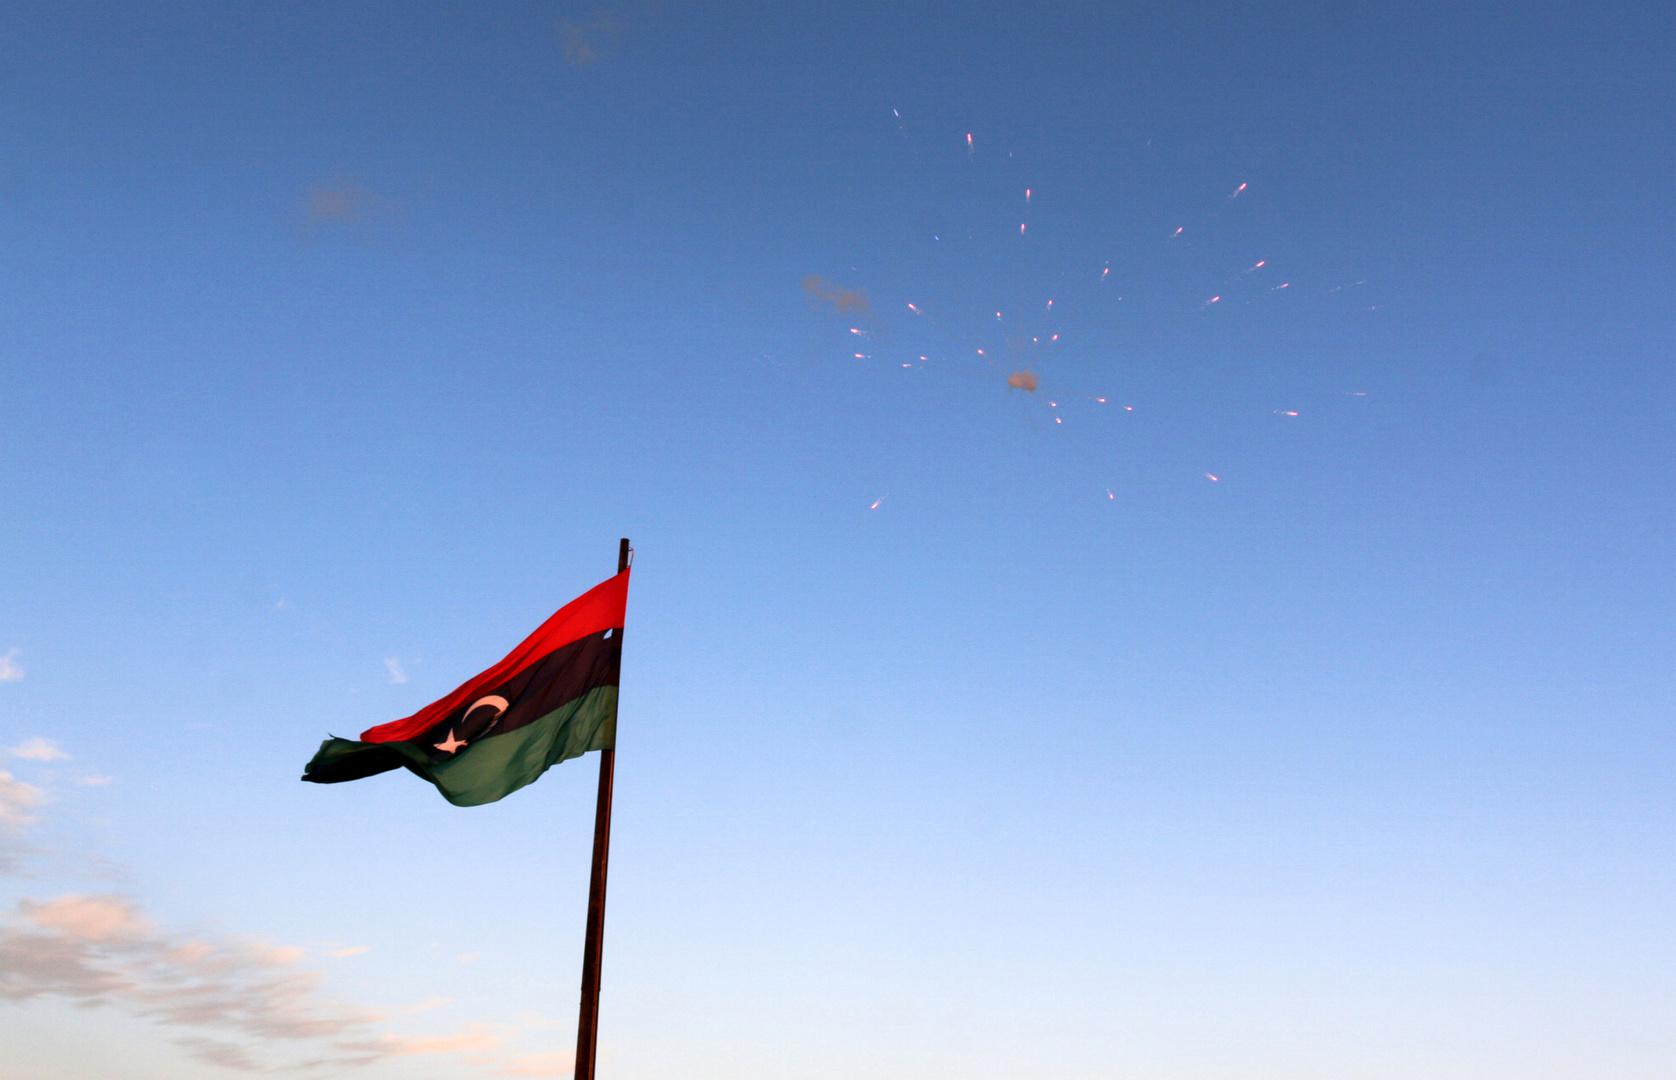 انسحاب المرتزقة وتشكيل غرفة عمليات مشتركة.. بنود الاتفاق بين طرفي النزاع الليبي